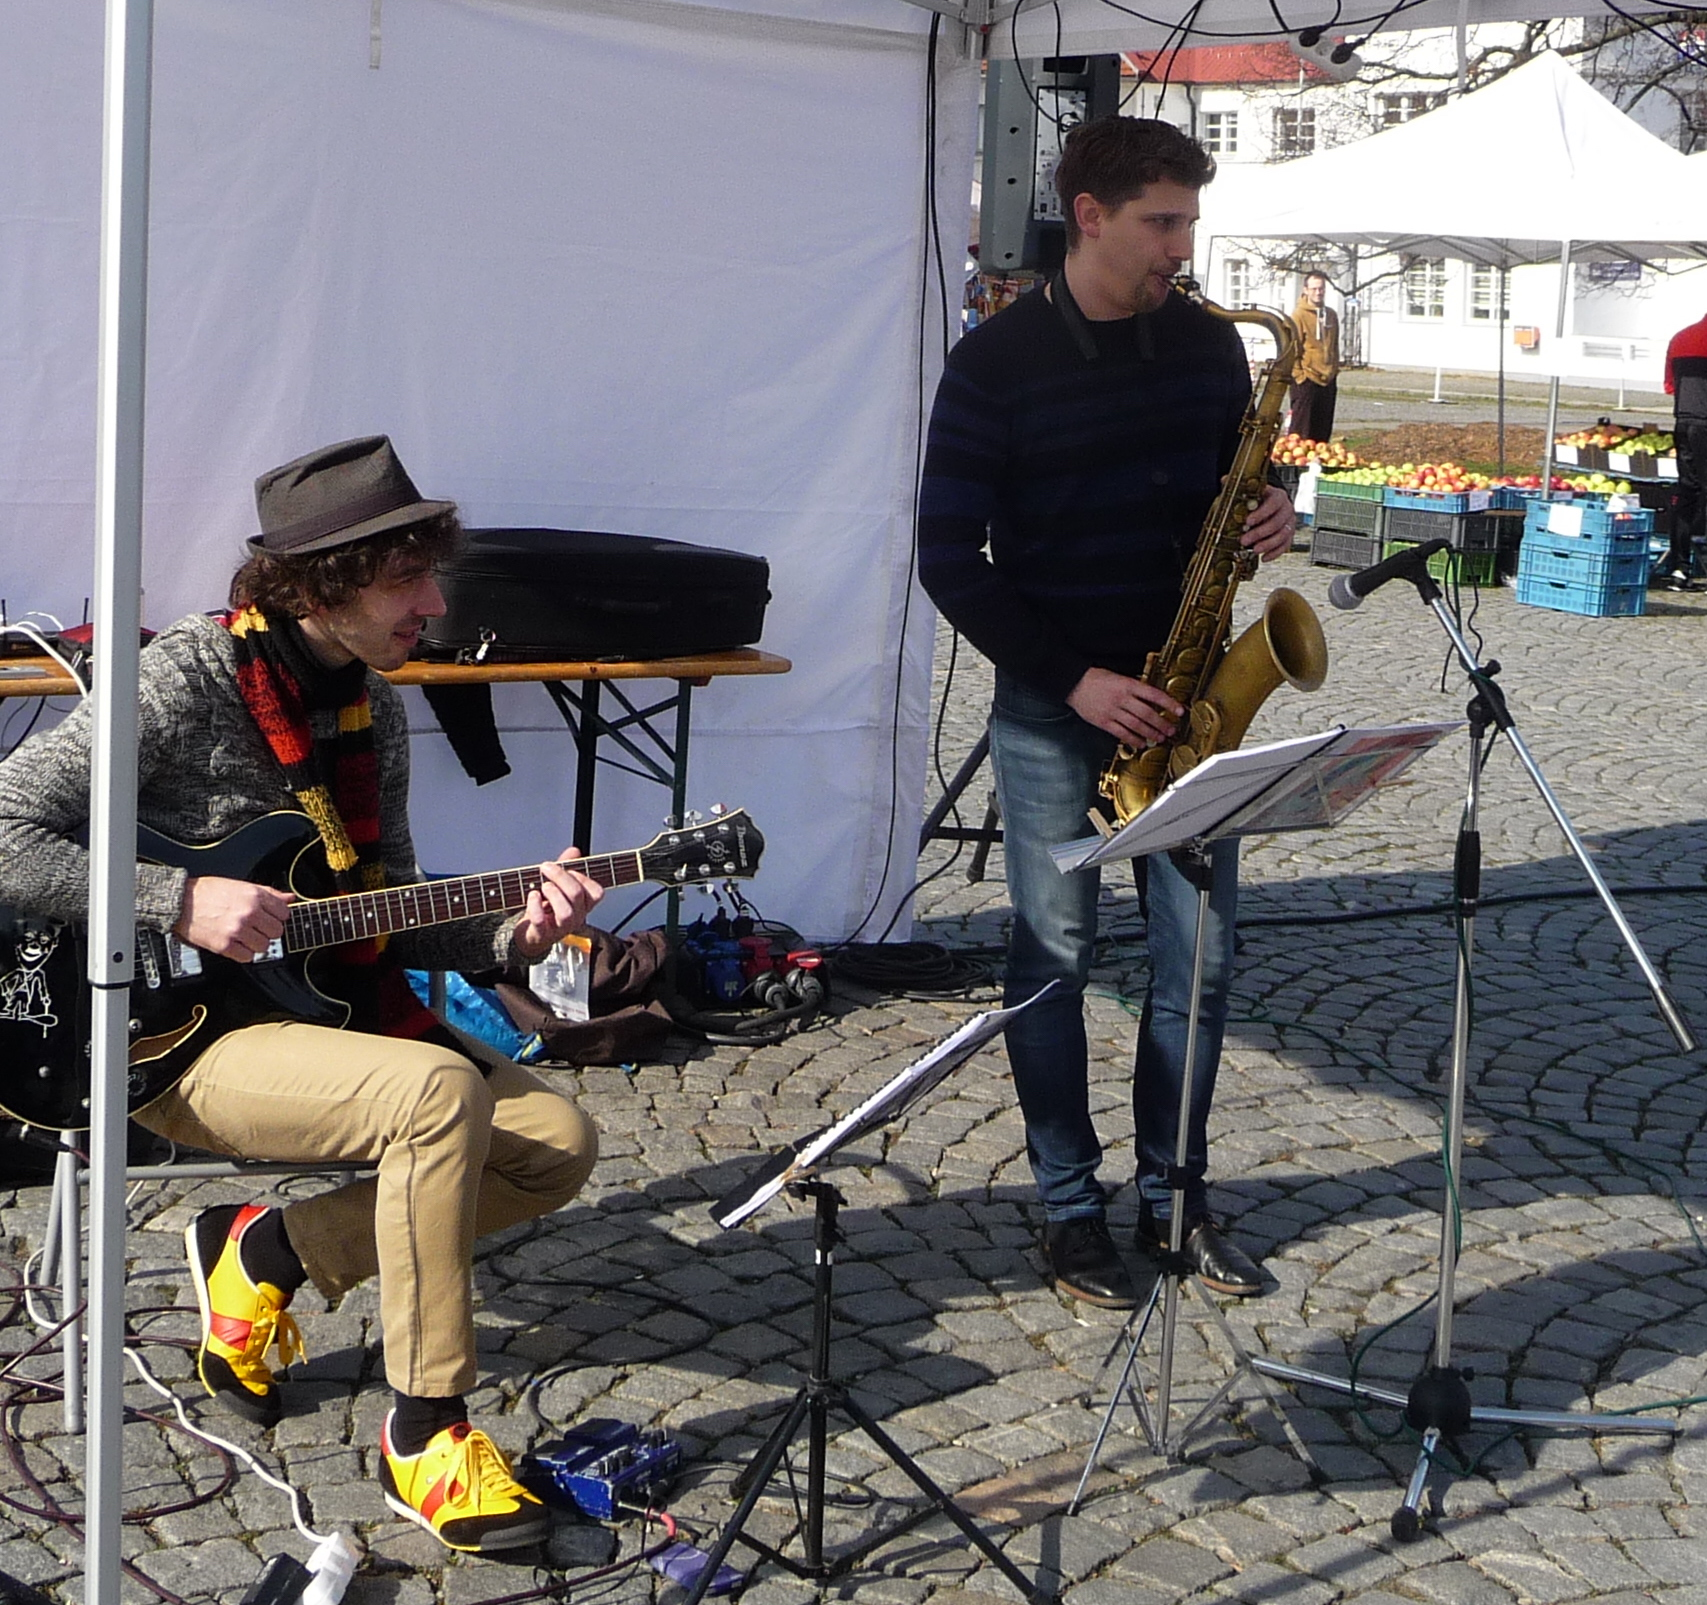 Láďa Štefek & Kamil Jánský